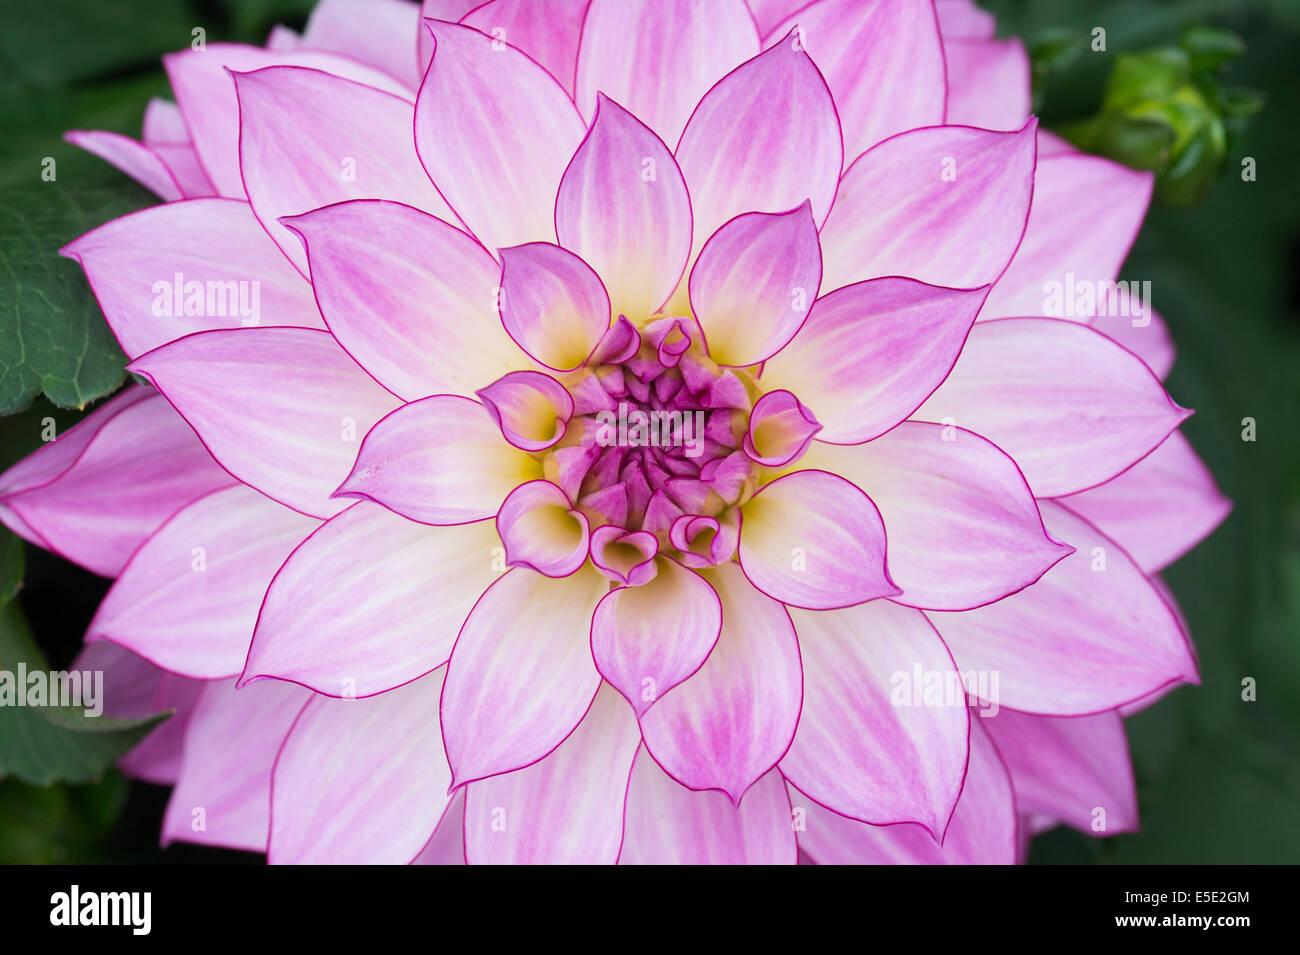 Dahlia Oriental Dream Waterlily Dahlia Flower Stock Photo